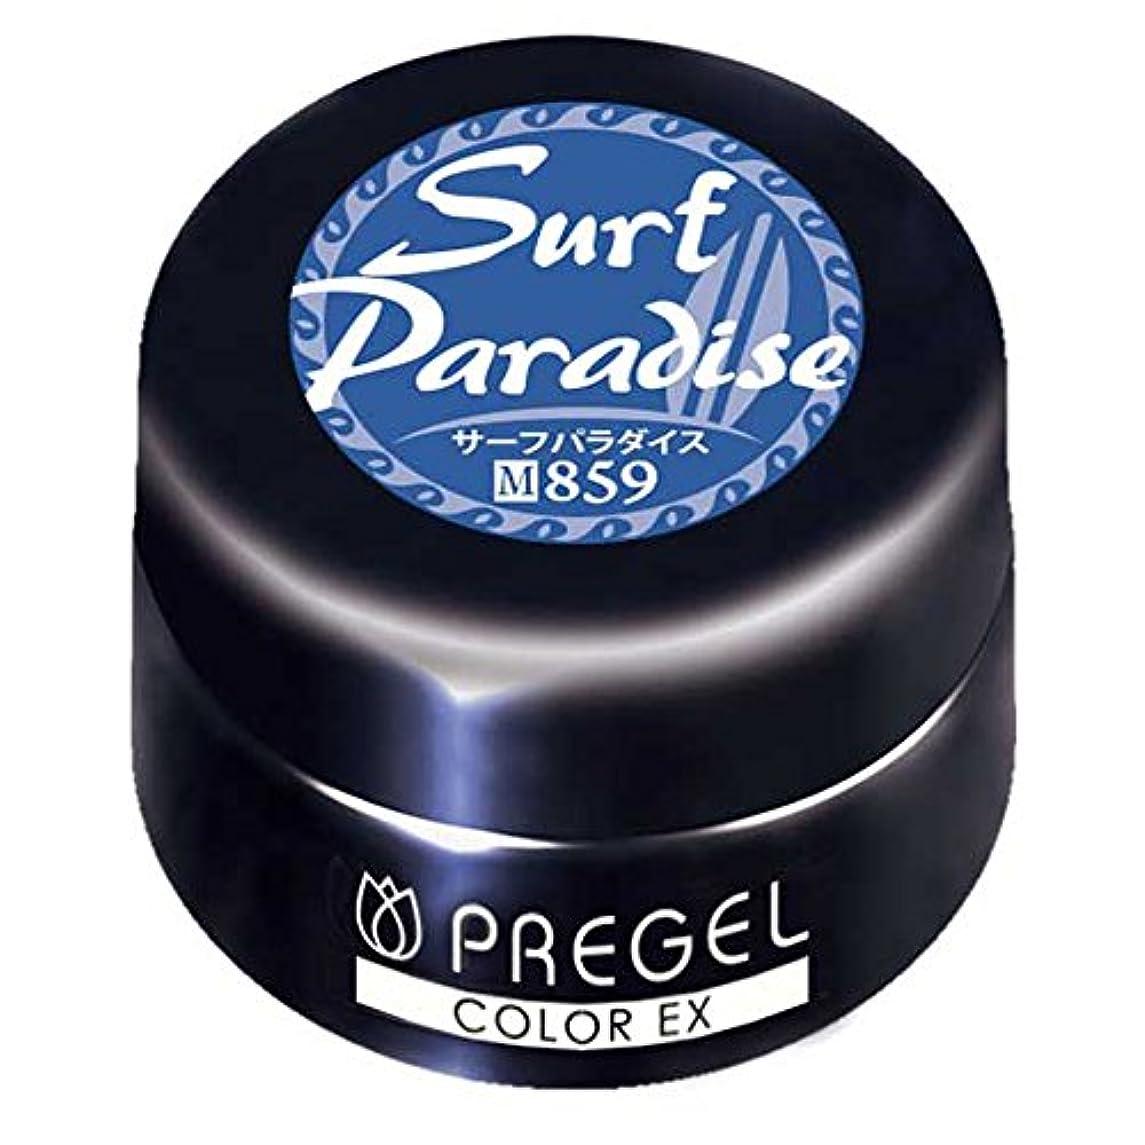 穀物葉巻影響力のあるPRE GEL カラーEX サーフパラダイス 859 3g UV/LED対応